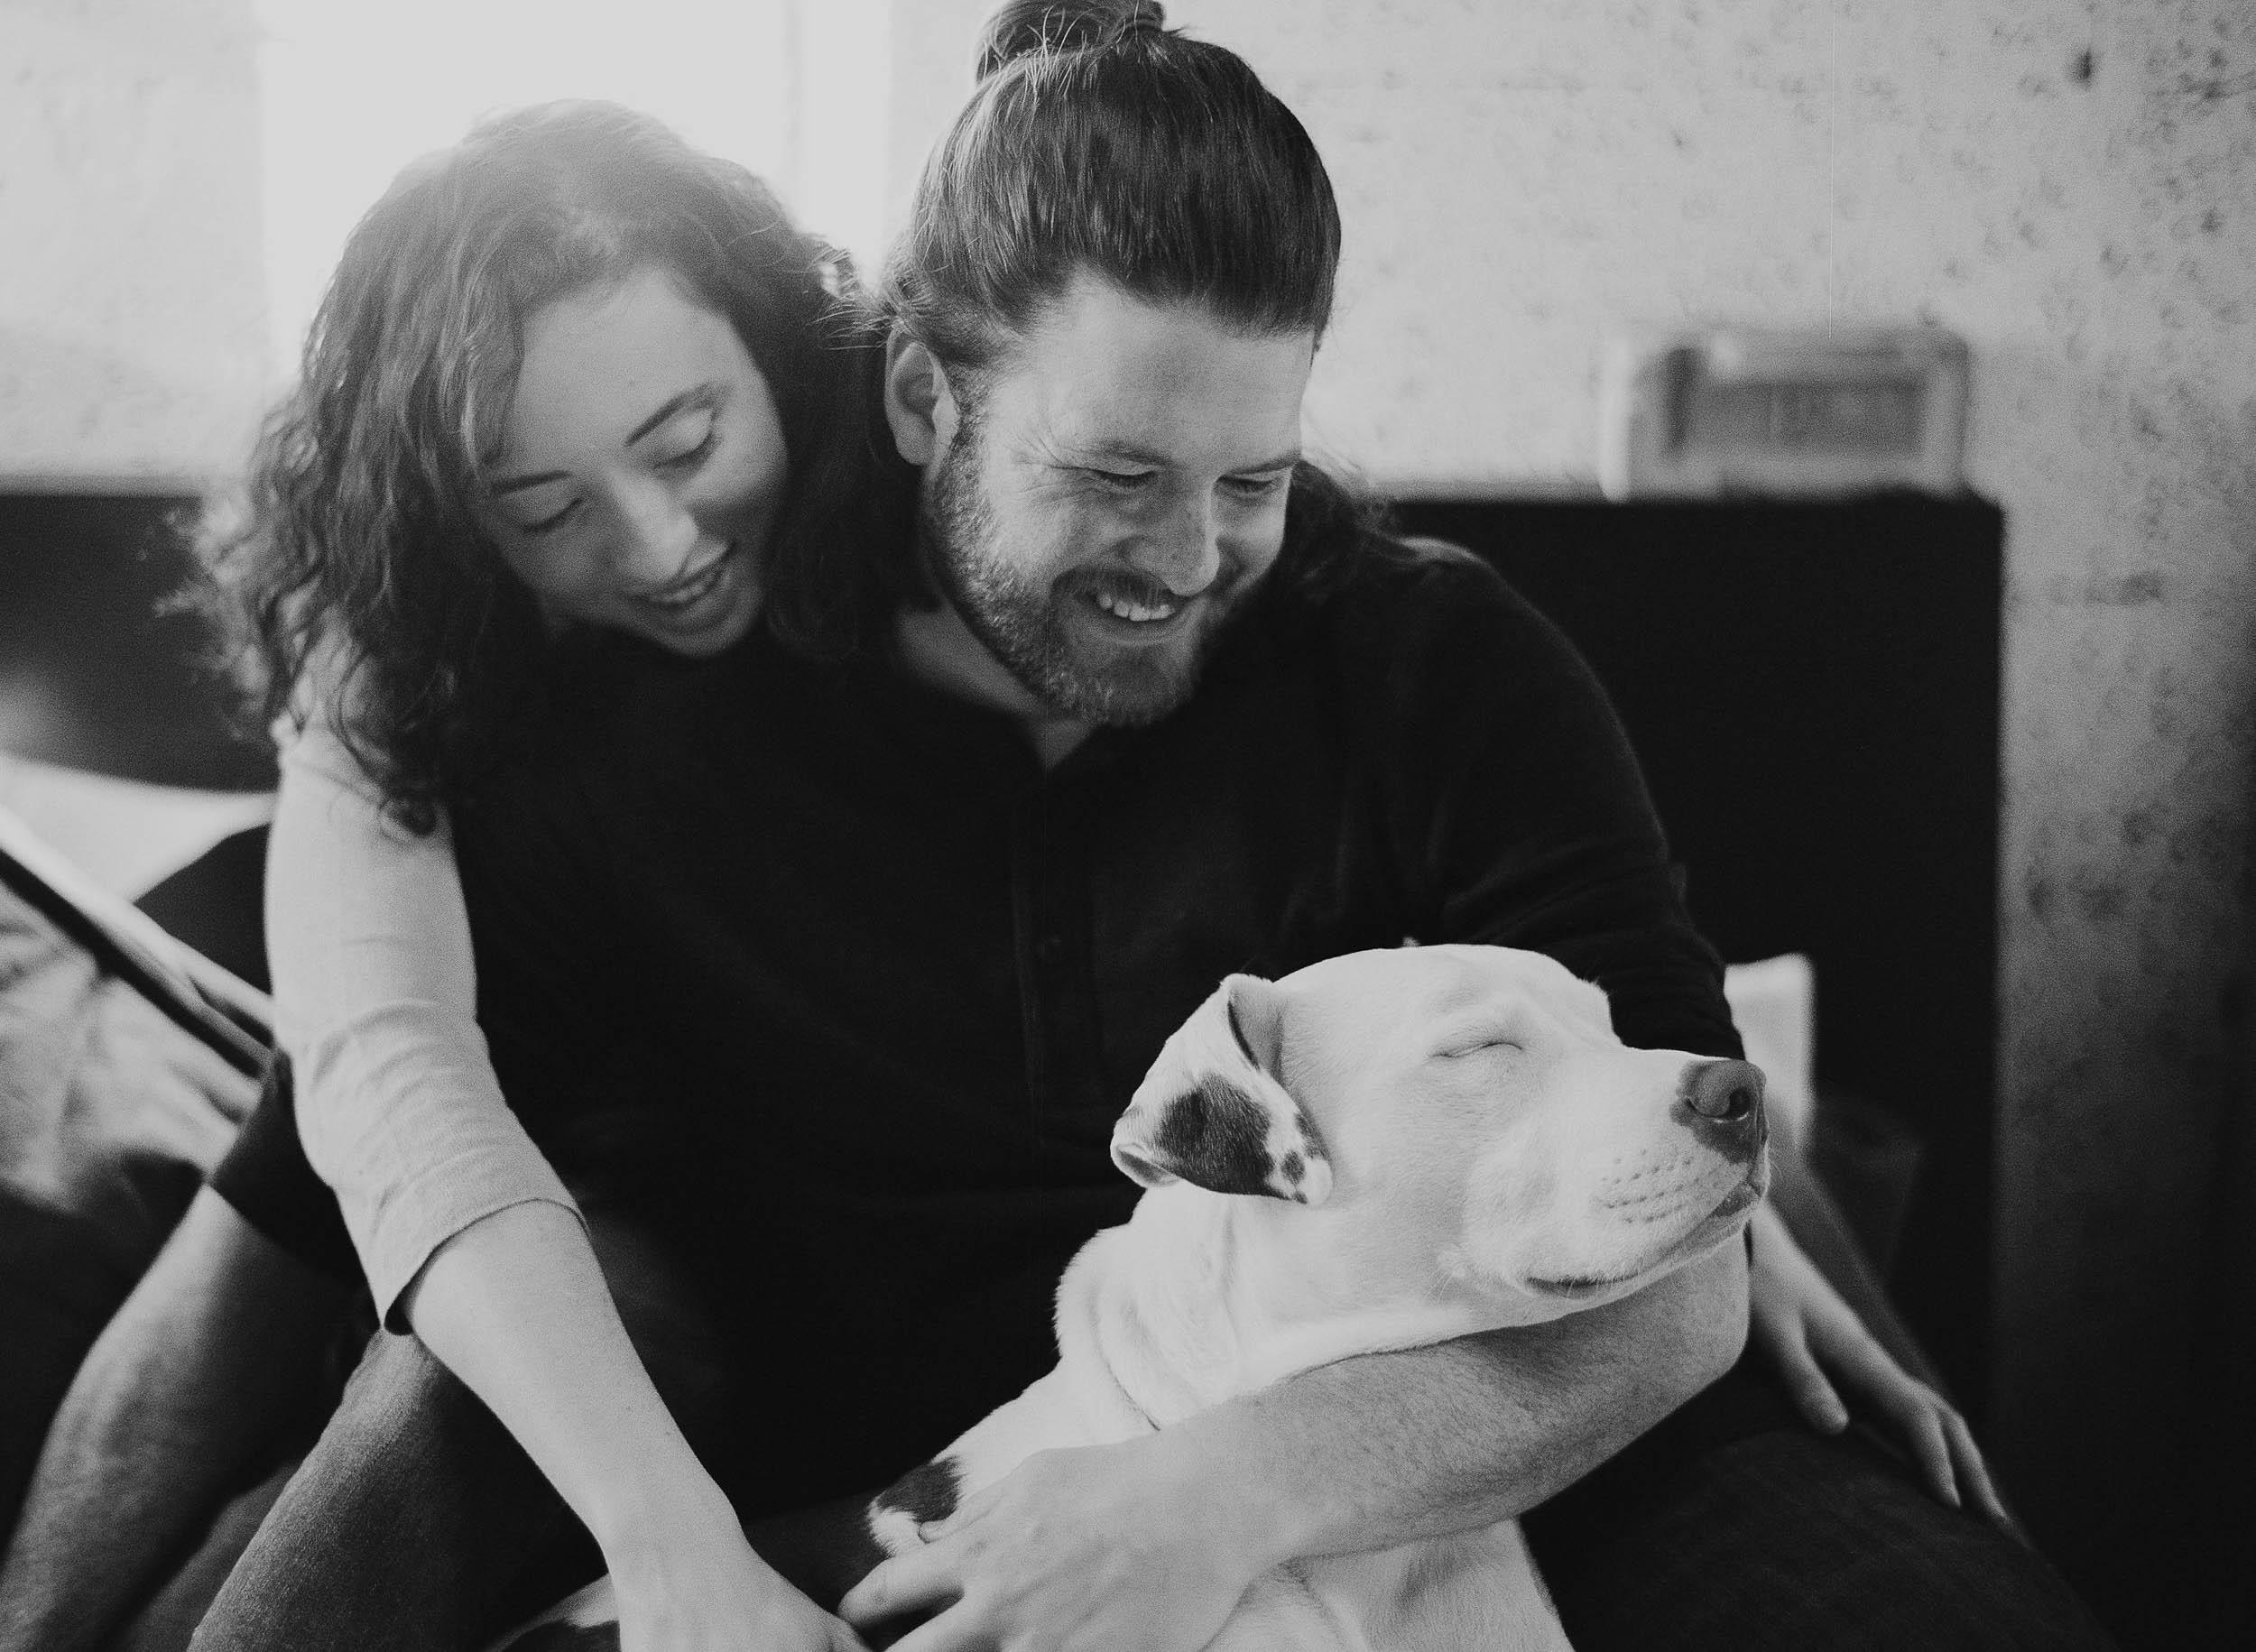 Kristen-Humbert-Family-Photoshoot-Philadelphia_Ruby-James-W-2-51.jpg